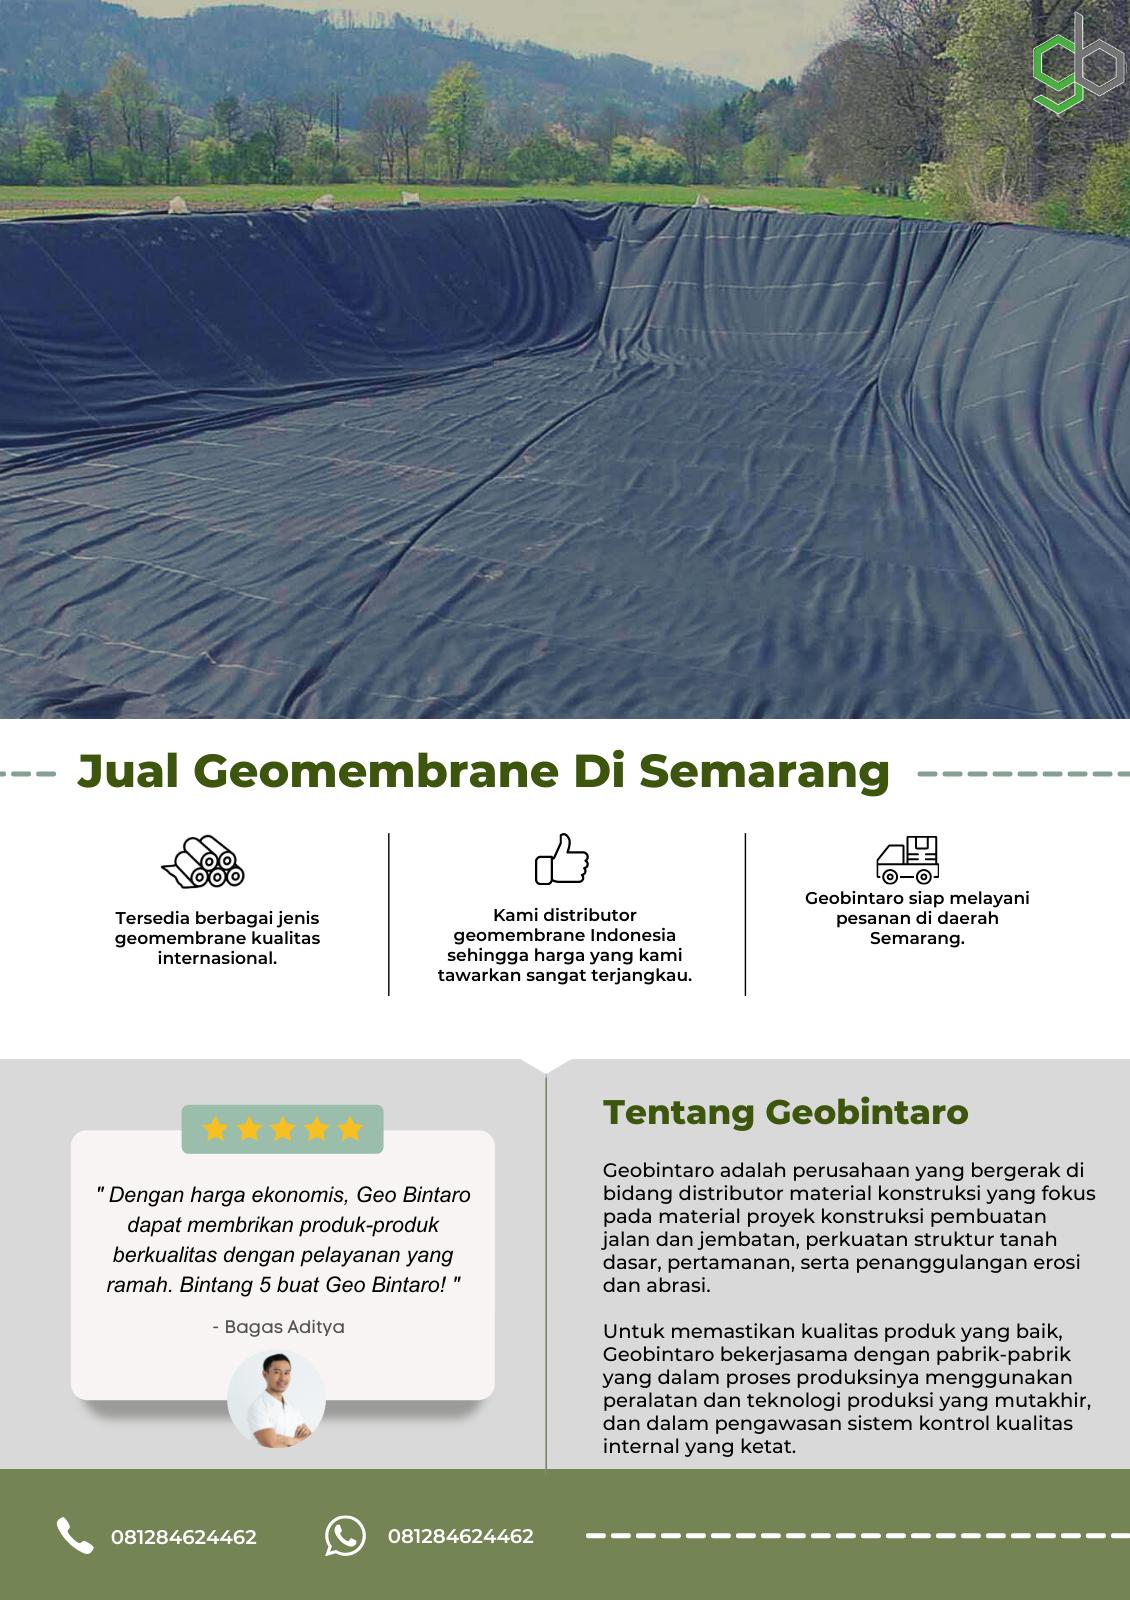 Jual Geomembrane Di Semarang